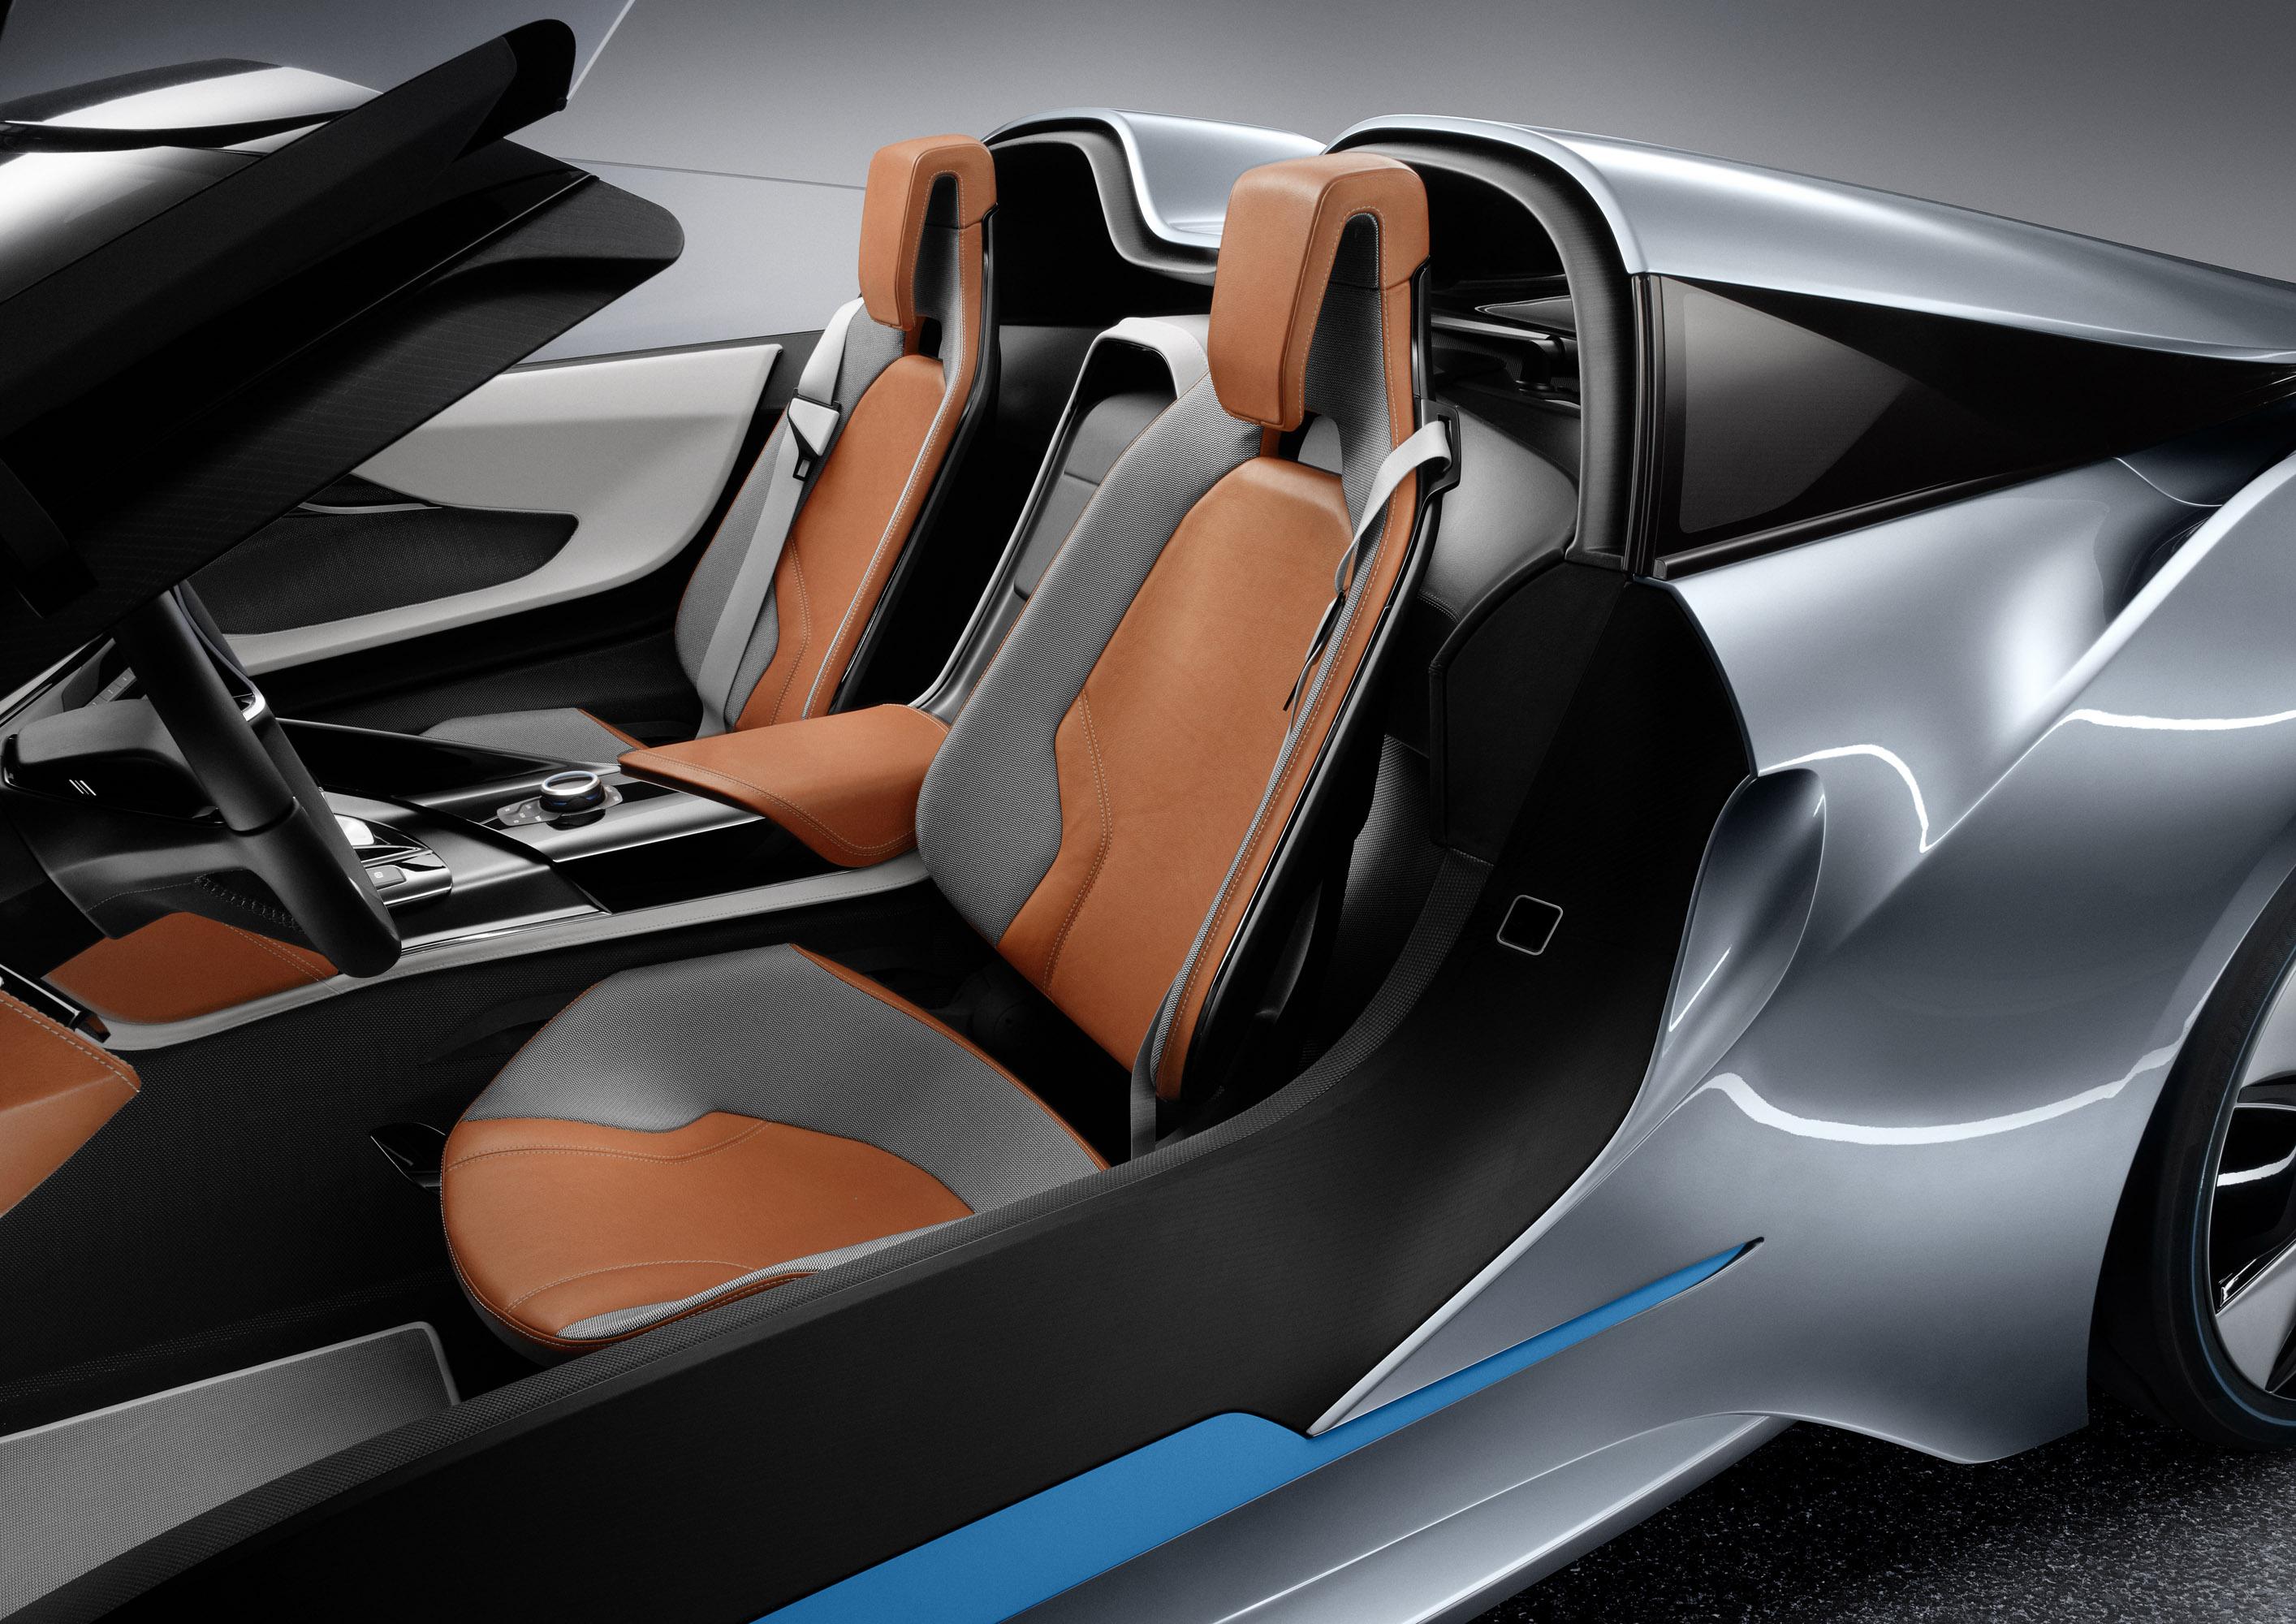 https://www.automobilesreview.com/gallery/bmw-i8-concept-spyder/bmw-i8-concept-spyder-23.jpg